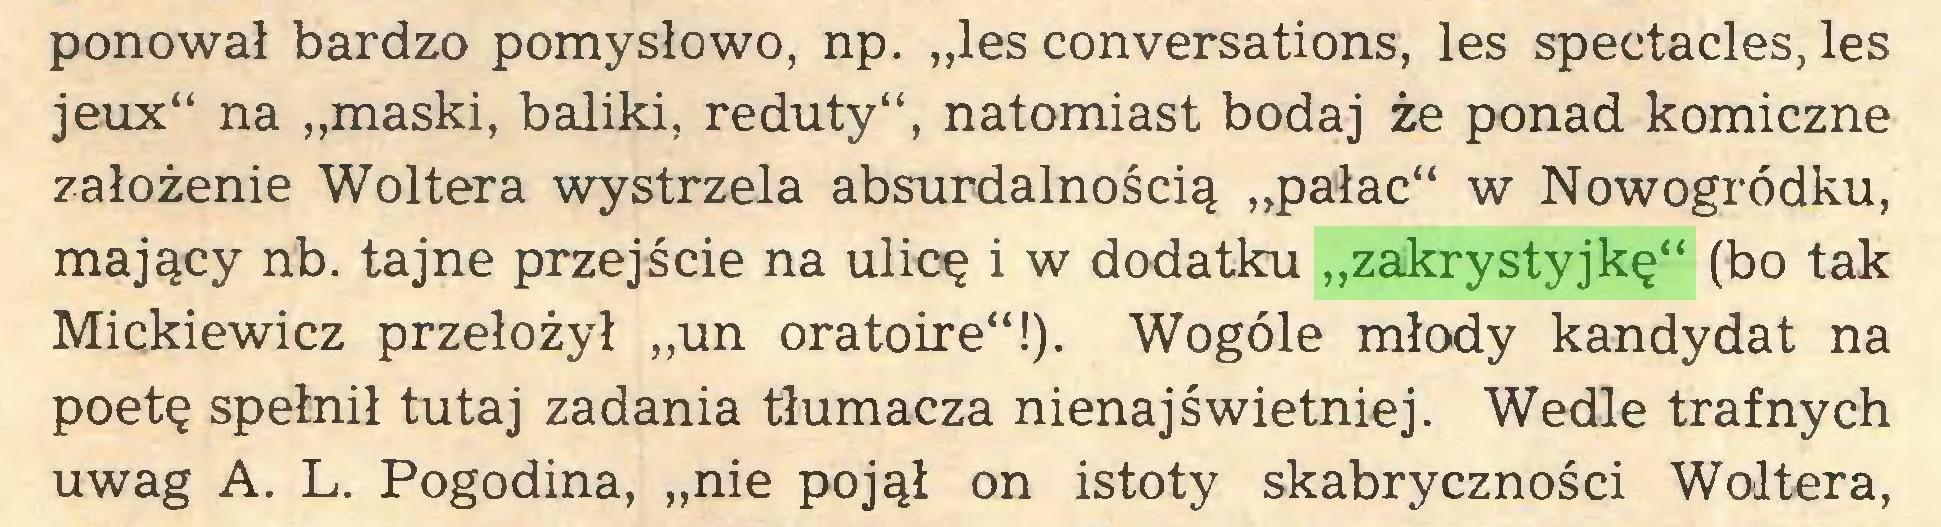 """(...) ponował bardzo pomysłowo, np. """"les conversations, les spectacles, les jeux"""" na """"maski, baliki, reduty"""", natomiast bodaj że ponad komiczne założenie Woltera wystrzela absurdalnością """"pałac"""" w Nowogródku, mający nb. tajne przejście na ulicę i w dodatku """"zakrystyjkę"""" (bo tak Mickiewicz przełożył """"un oratoire""""!). Wogóle młody kandydat na poetę spełnił tutaj zadania tłumacza nienajświetniej. Wedle trafnych uwag A. L. Pogodina, """"nie pojął on istoty skabryczności Woltera,..."""